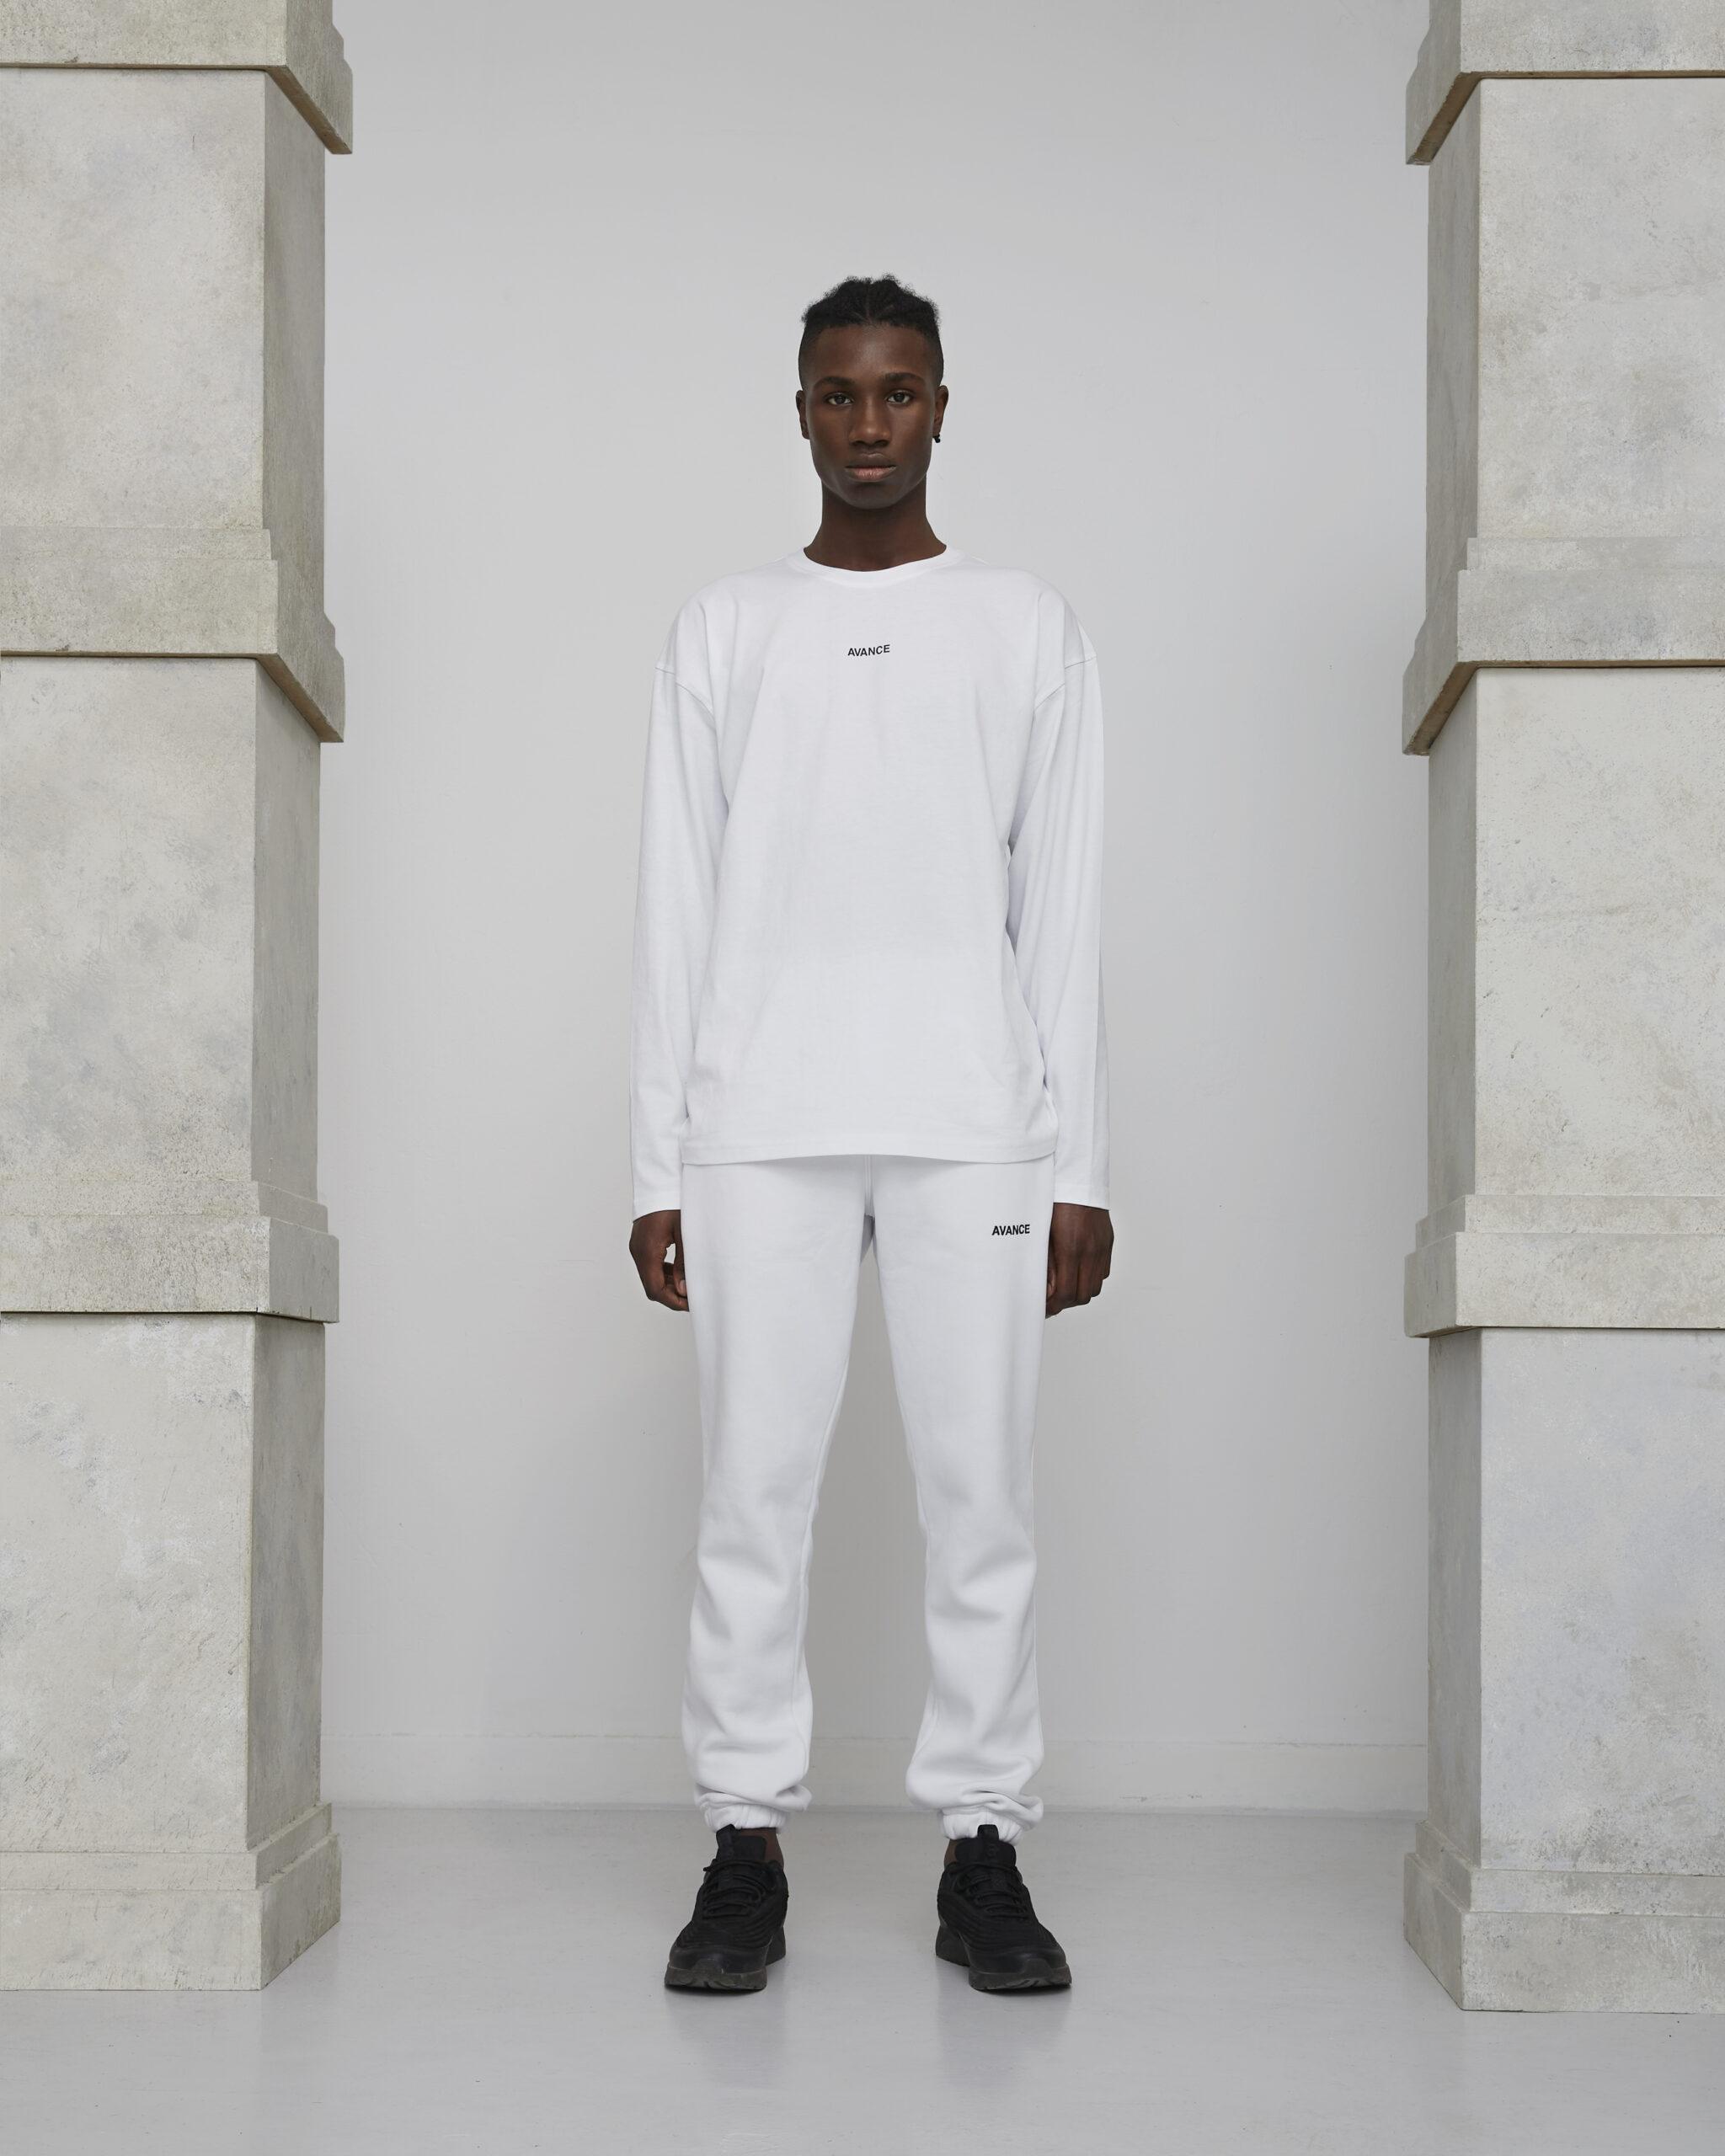 Avance longsleeve white